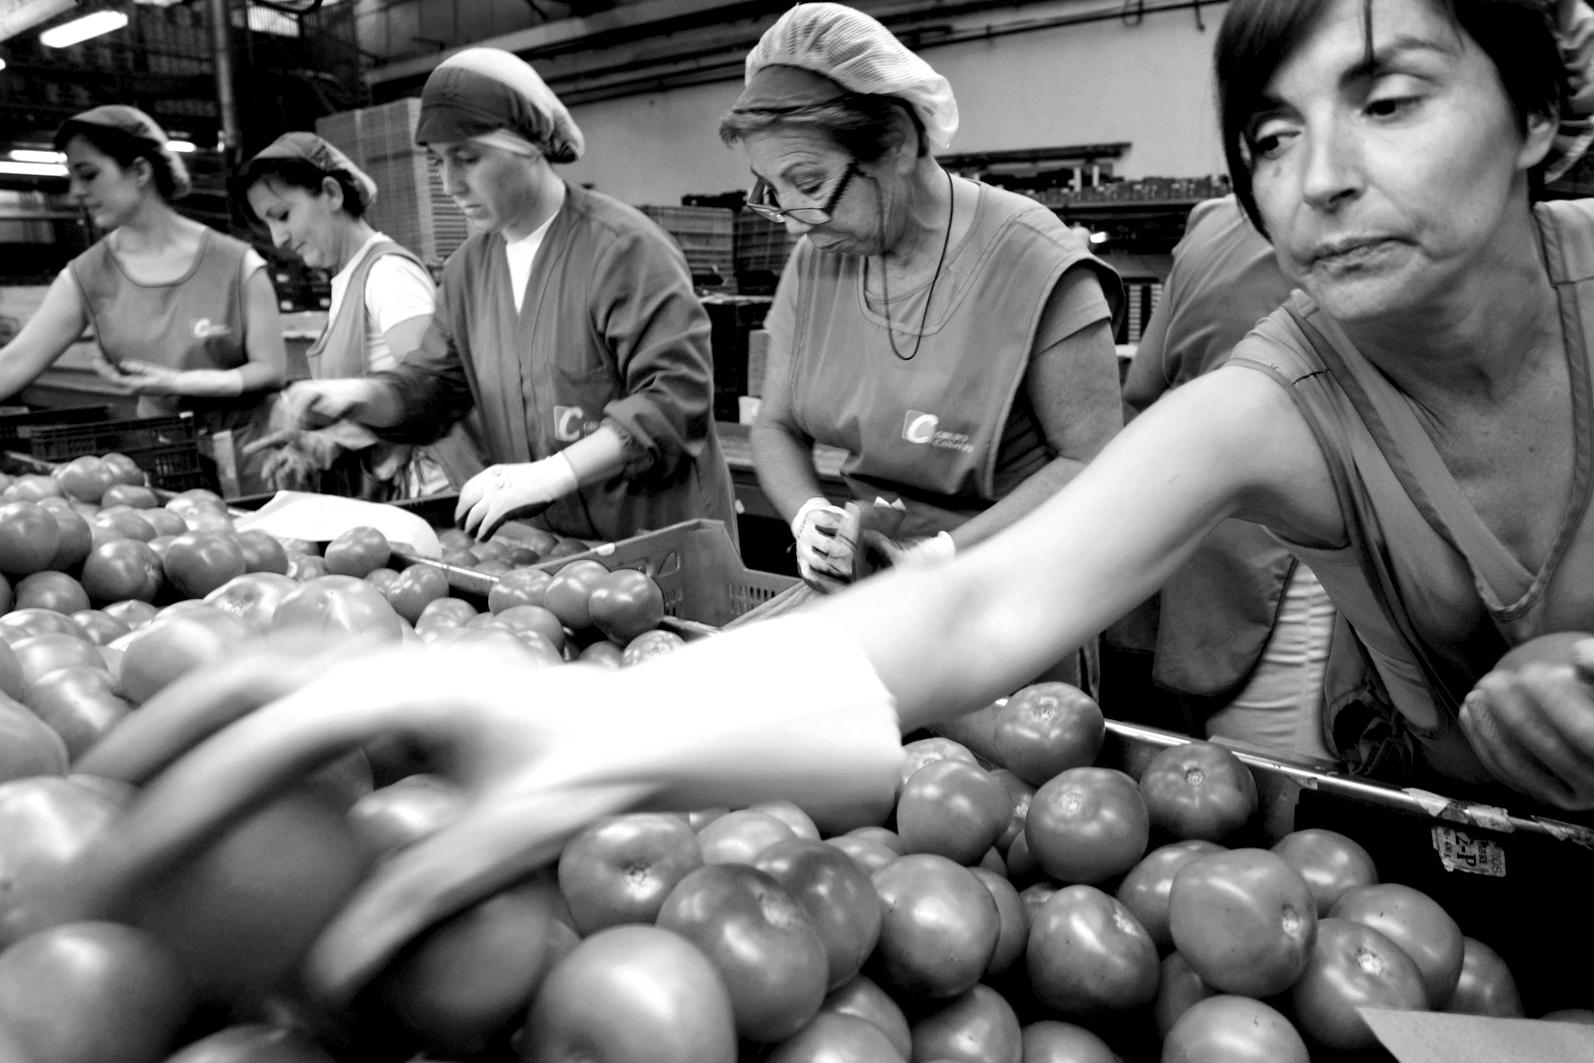 Harte Arbeit in den Abpackbetrieben für sechs Euro die Stunde. Foto: REUTERS/Francisco Bonilla